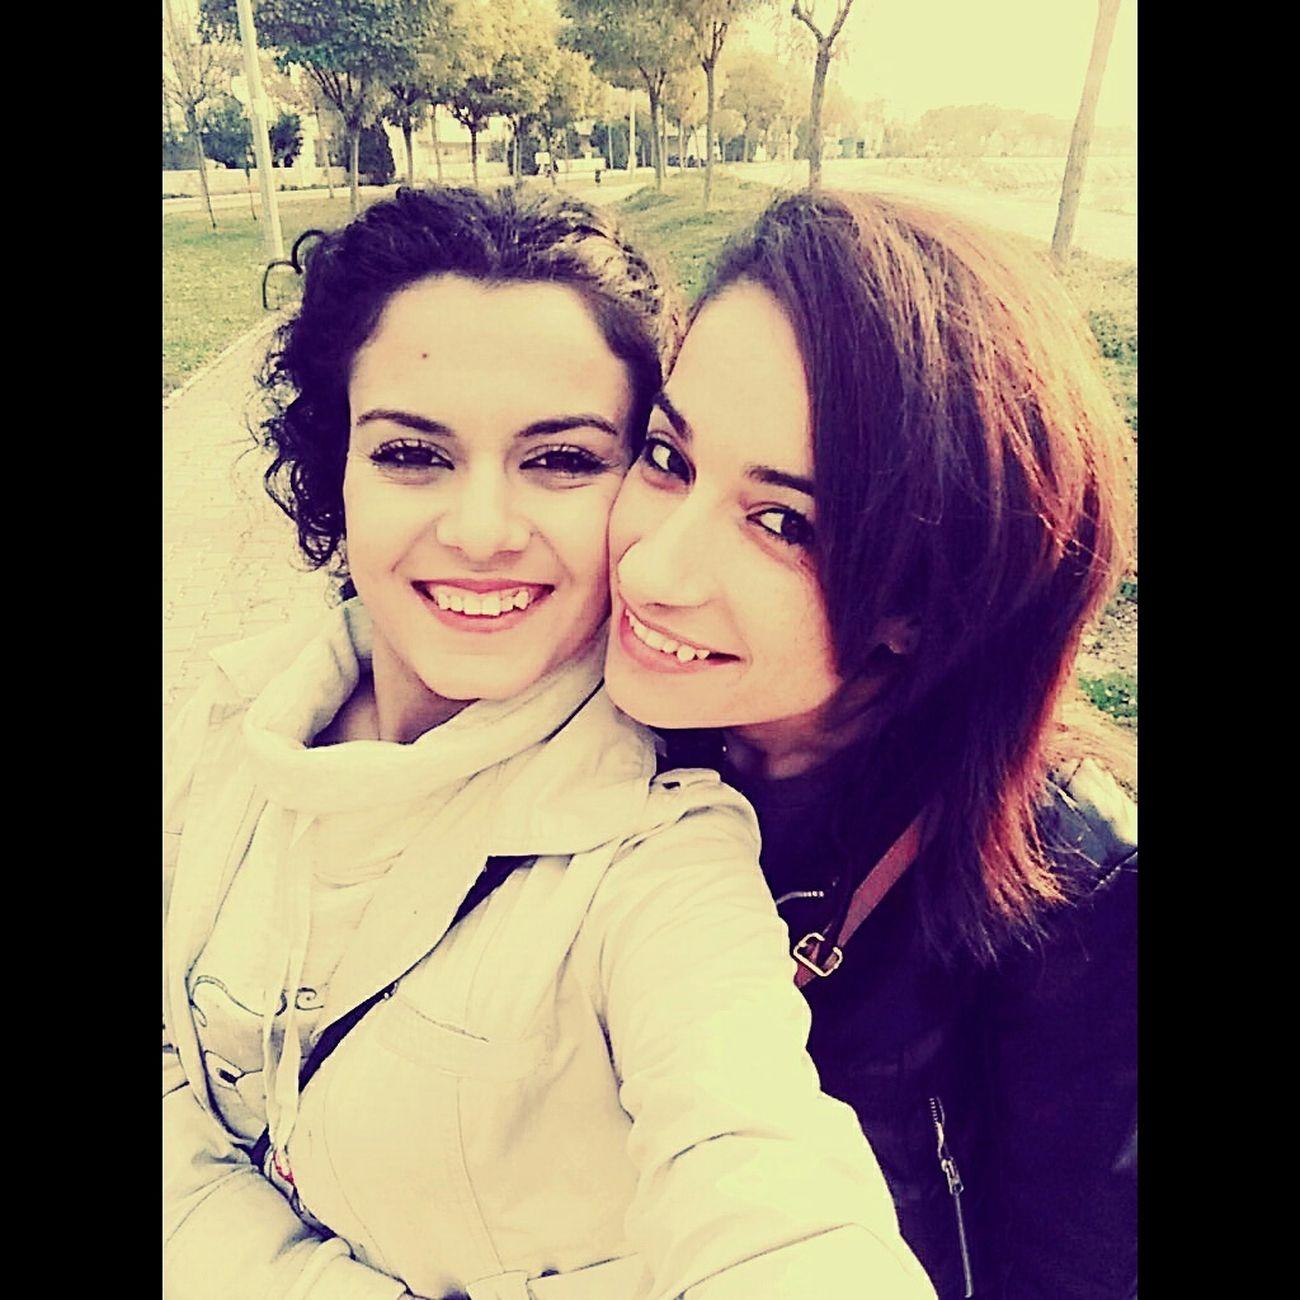 Dost Kardes Aşk En Değerlim Seviyorum Seni Birlikte Mutluyuz😘😘😘